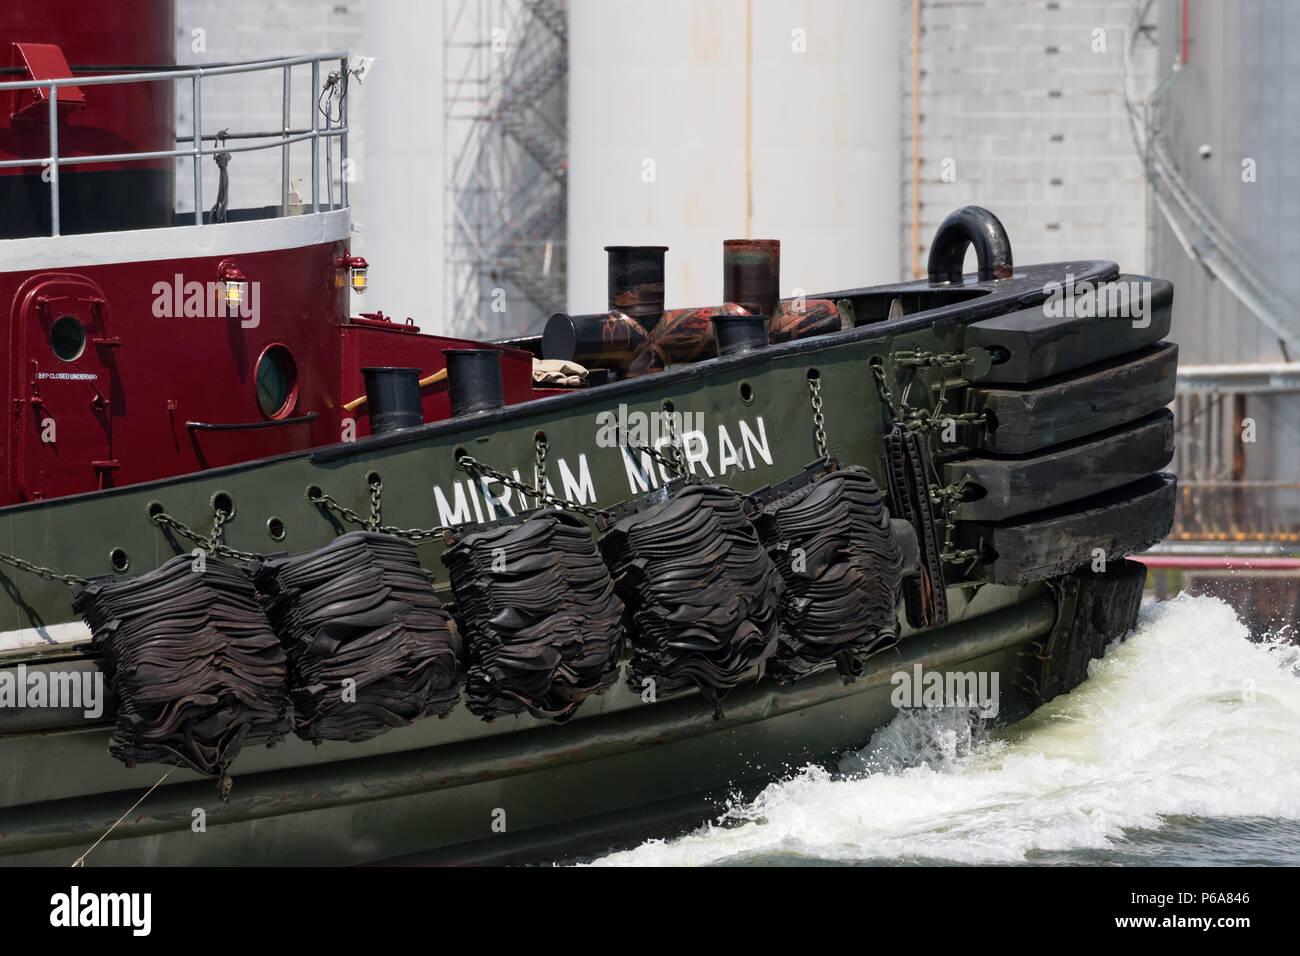 Miriam Moran steuerbord Bug unterwegs Nahaufnahme Stockfoto